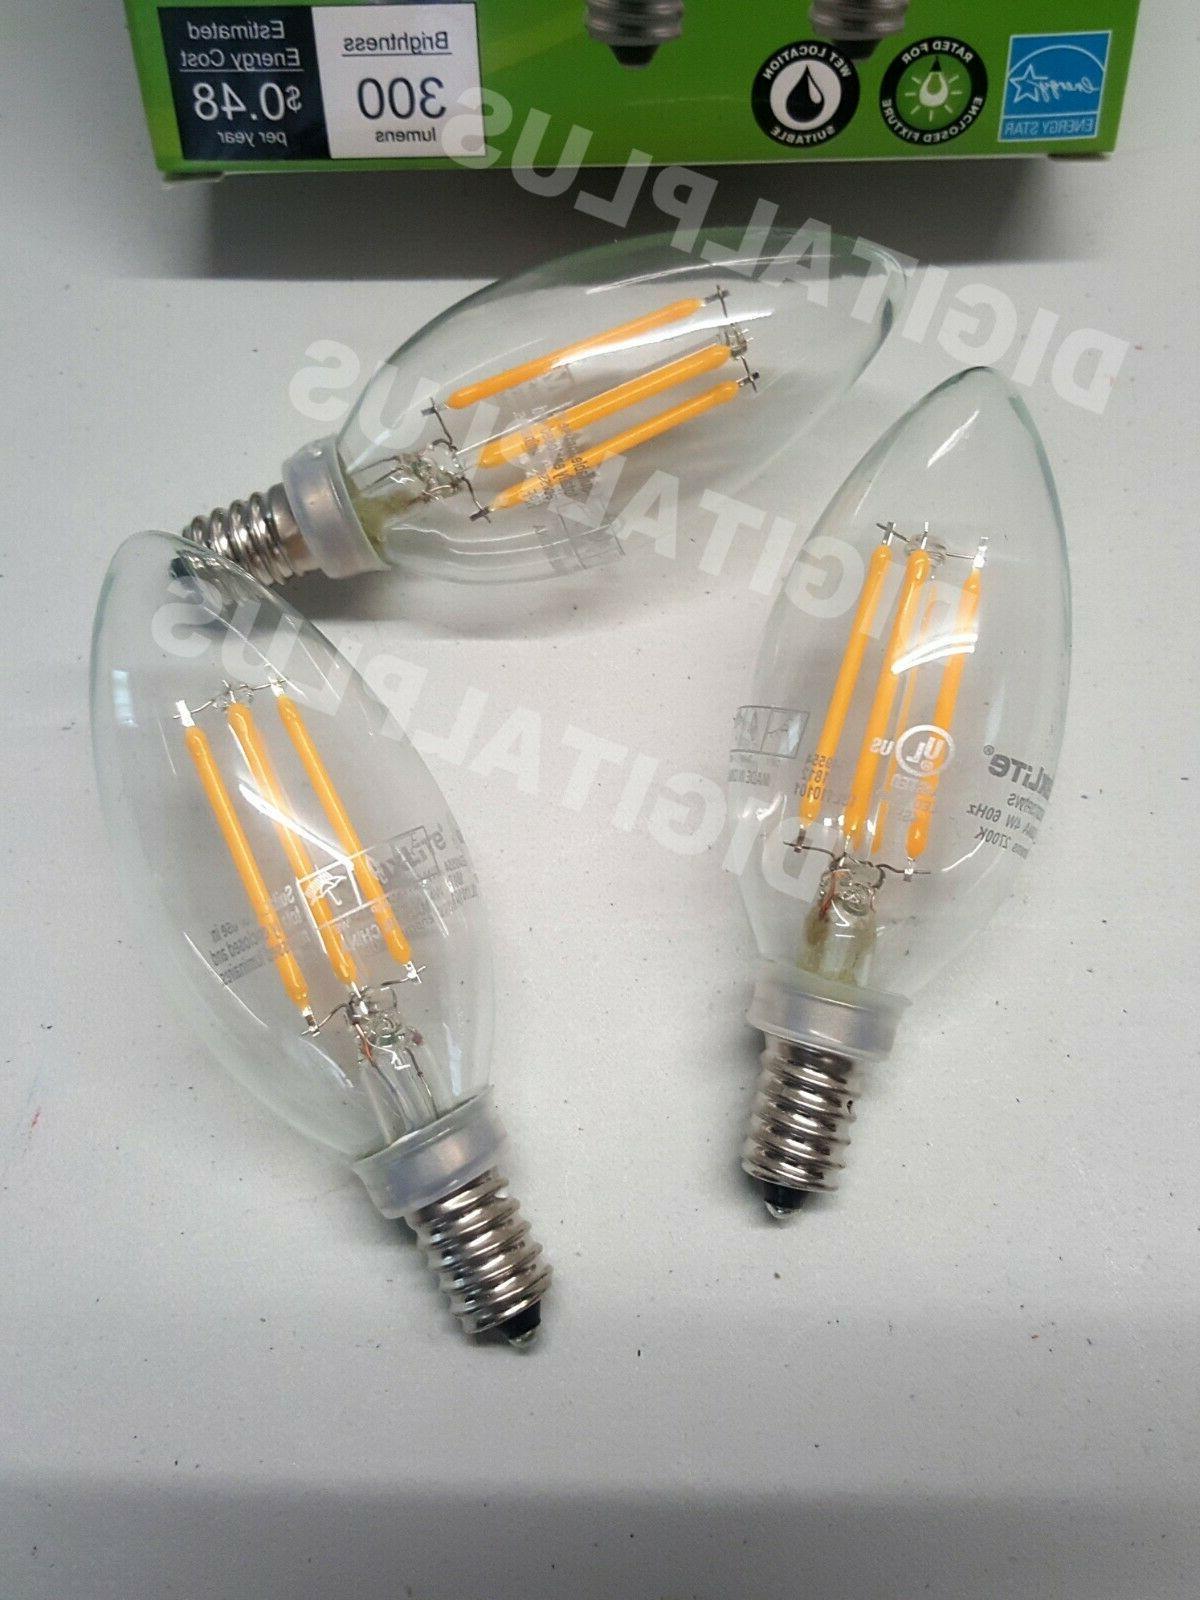 6 pack Light 300L Candelabra